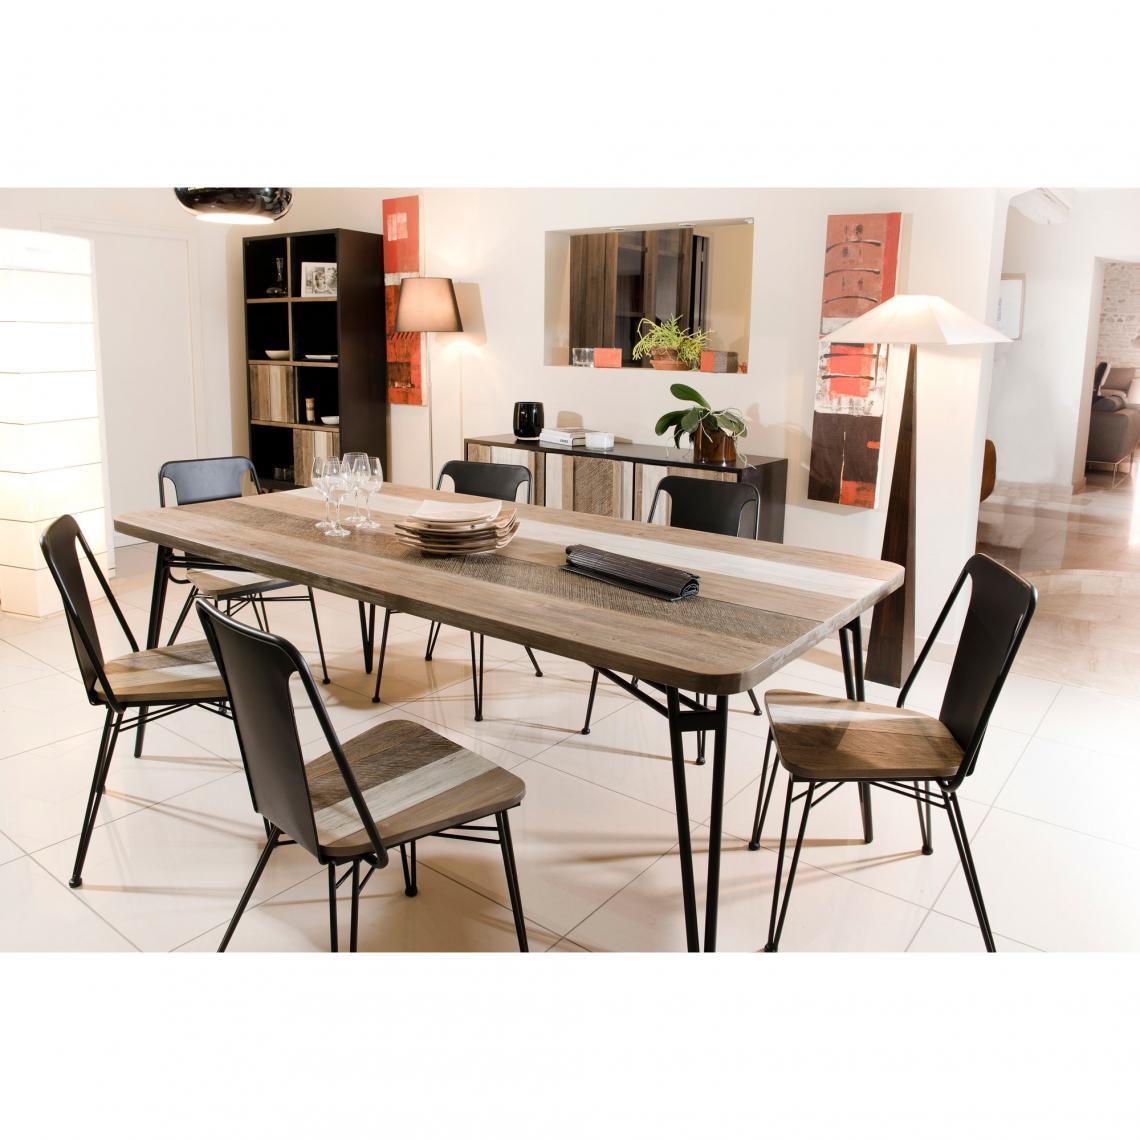 Table À Manger Industrielle table à manger rectangulaire pieds épingle 200 x 100 industriel -  multicolore plus de détails